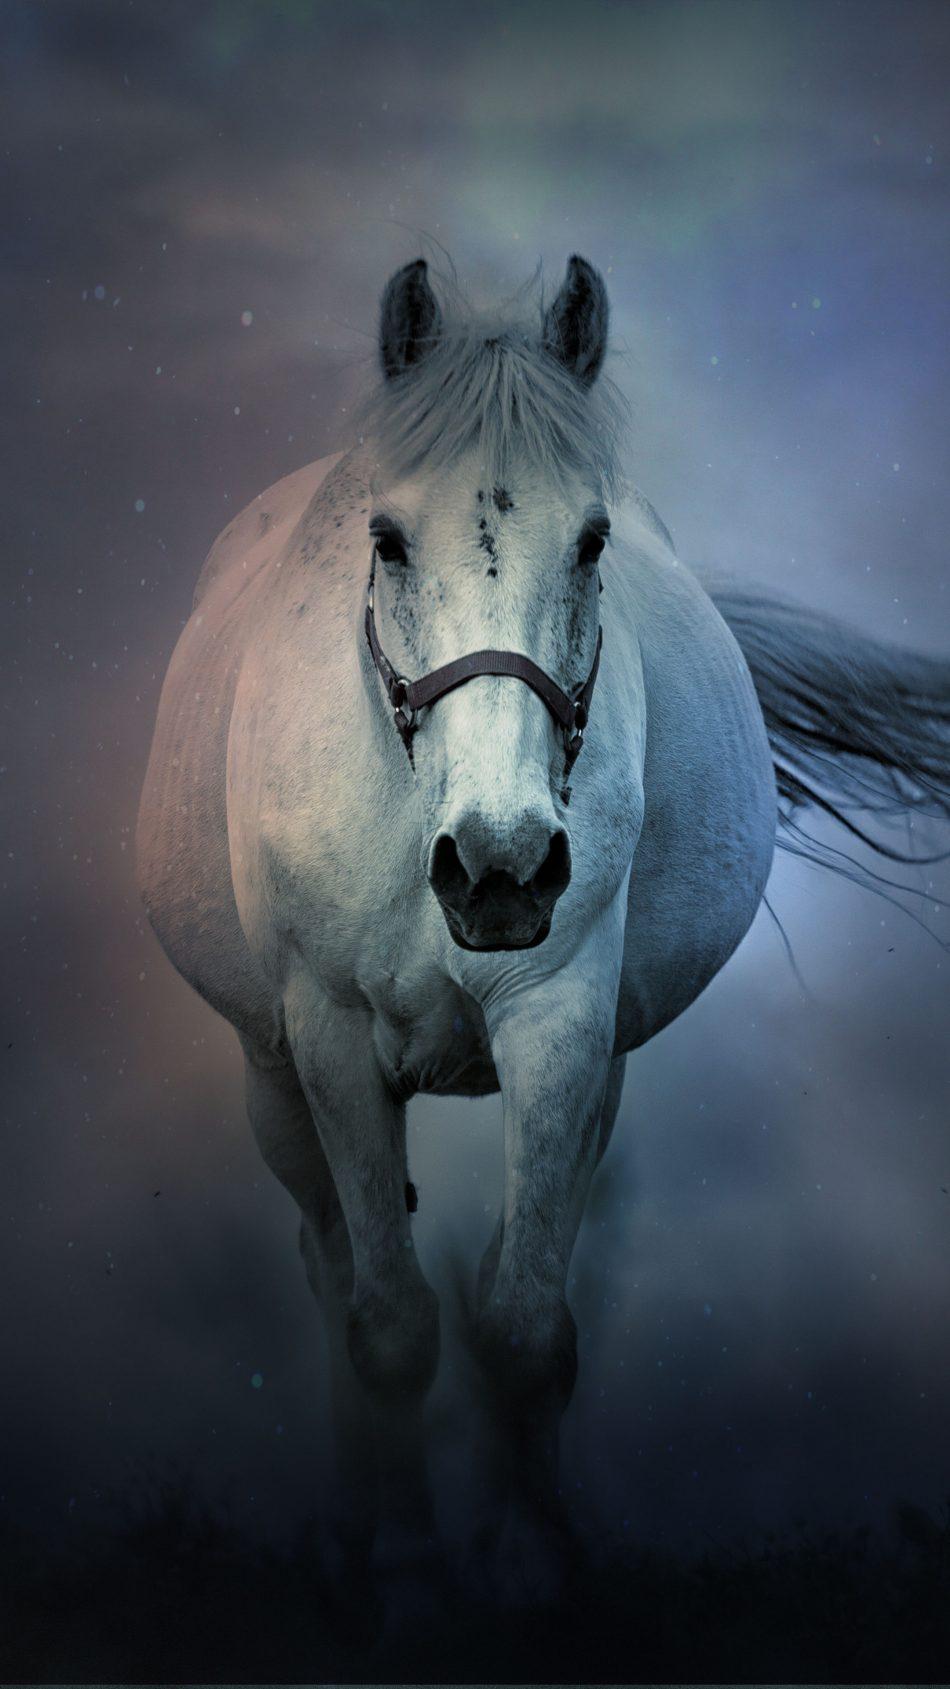 White Horse Running 4K Ultra HD Mobile Wallpaper